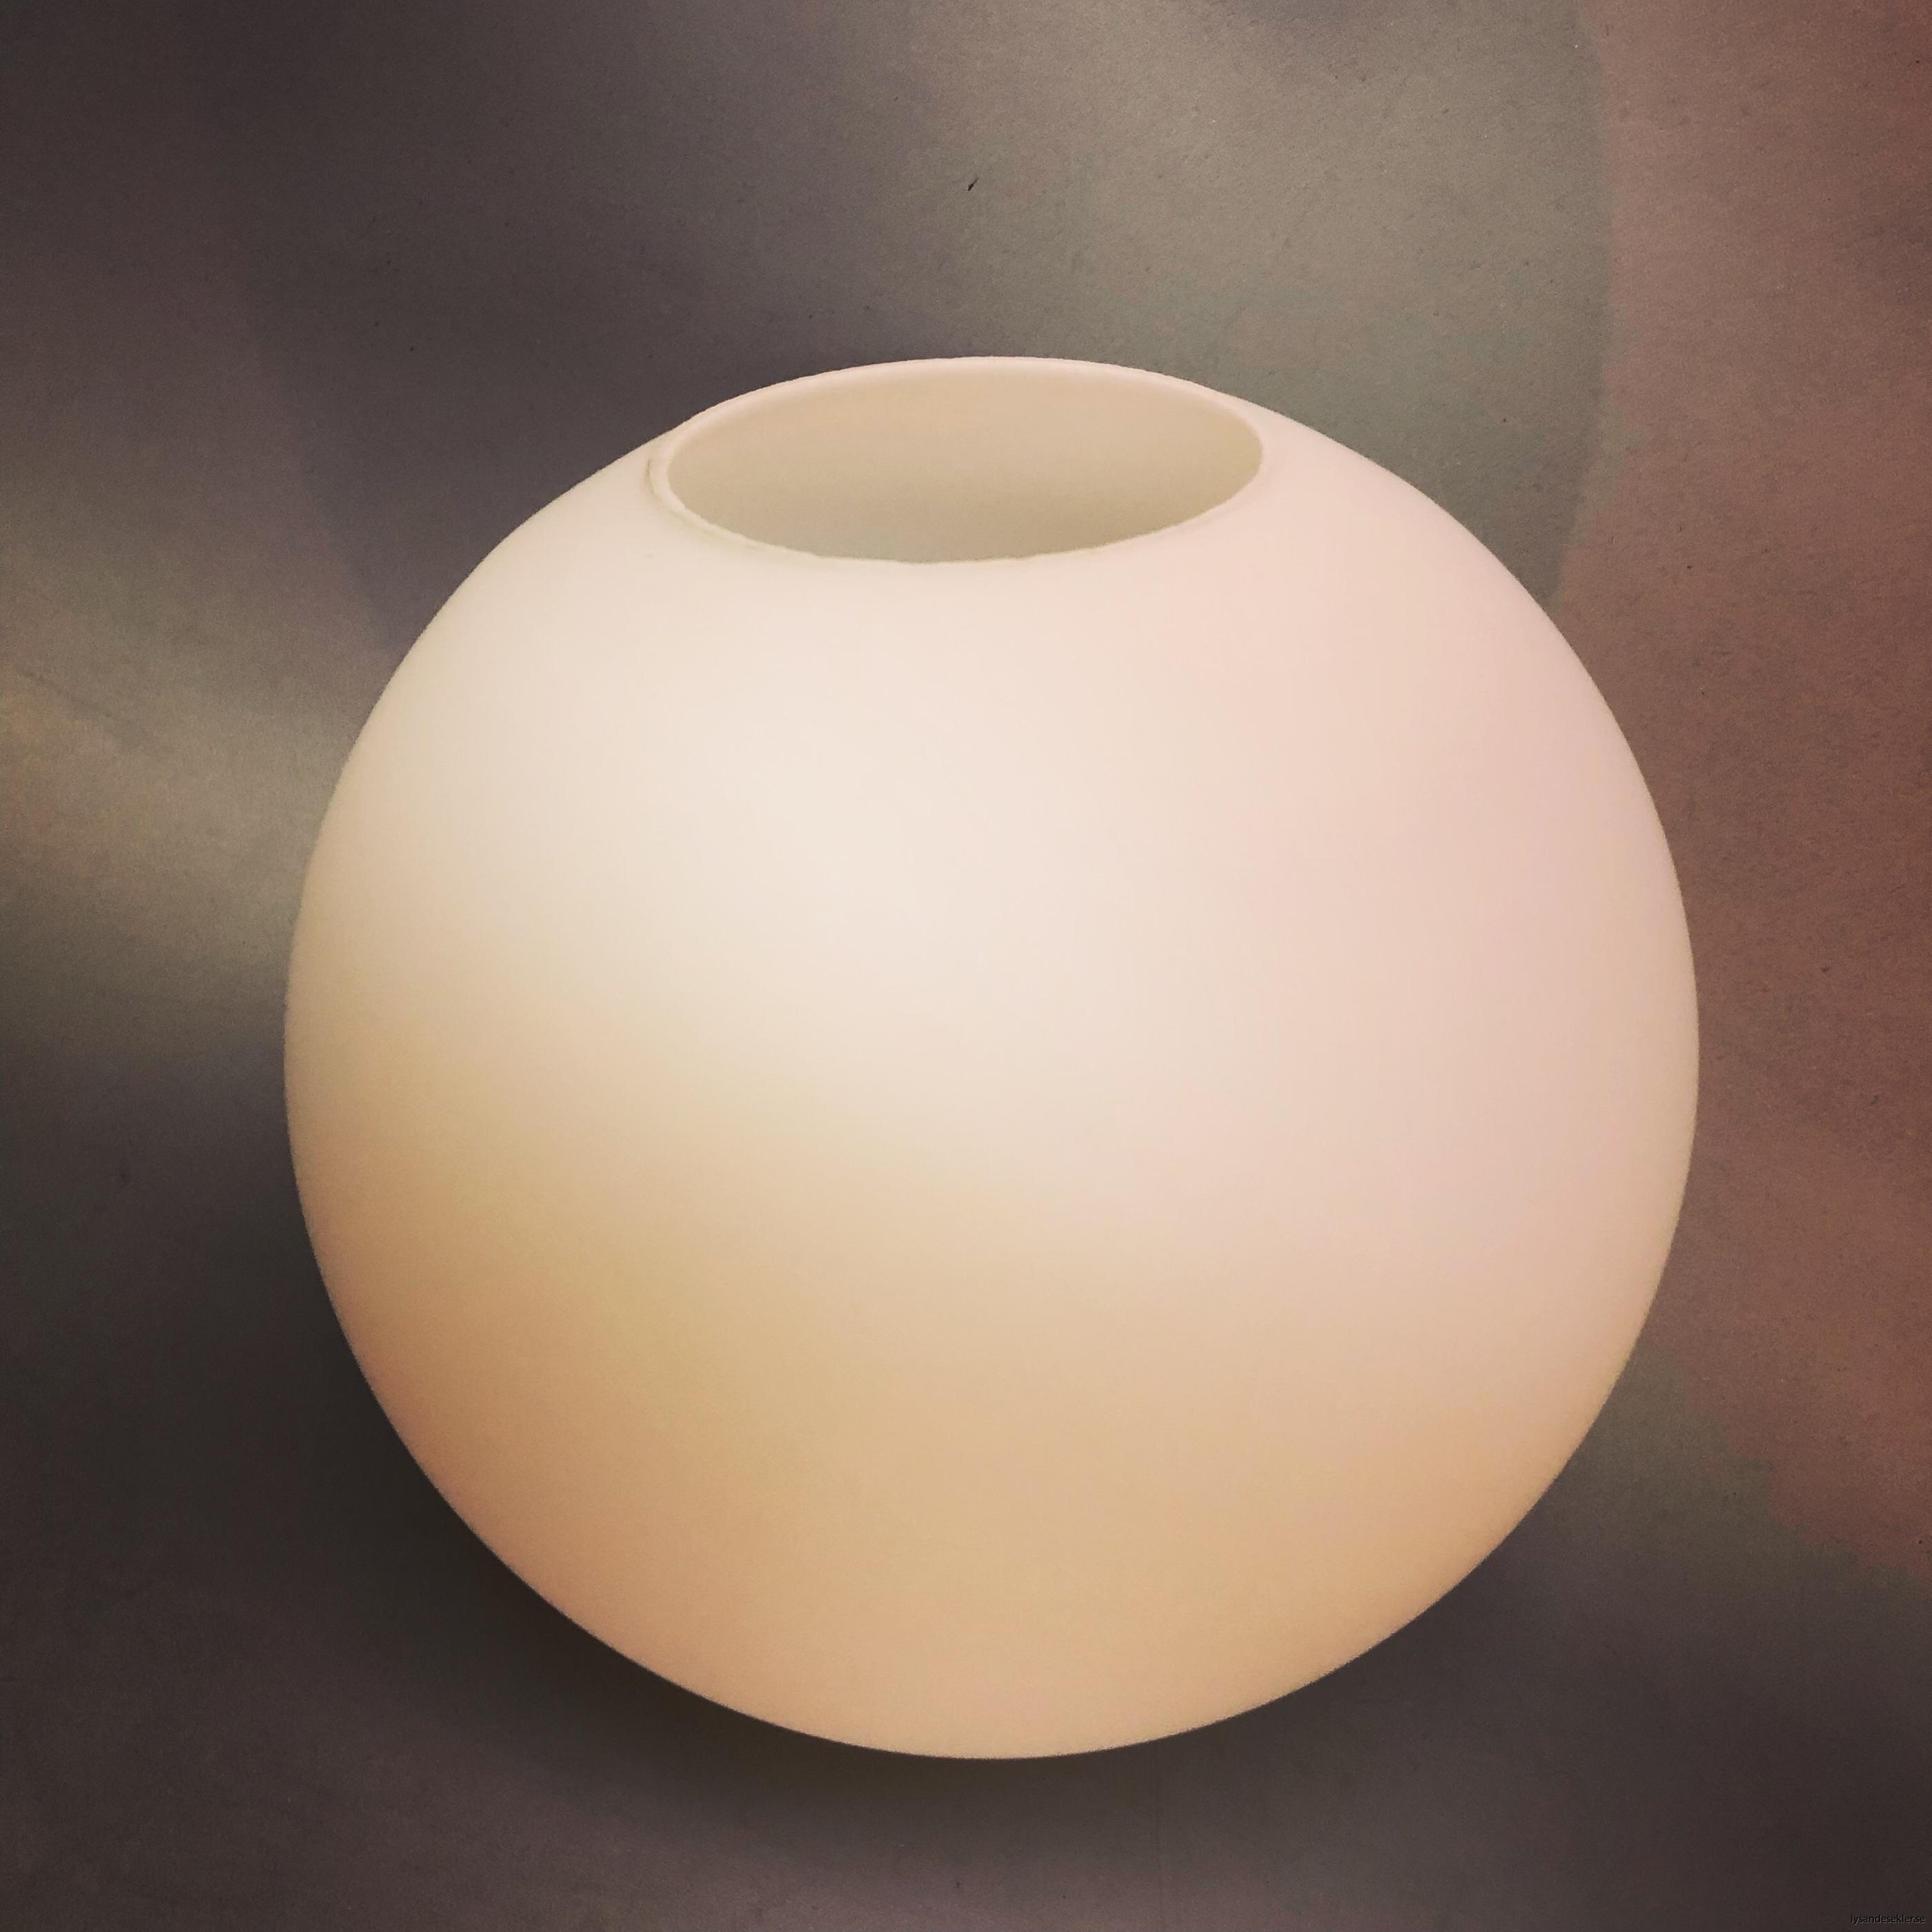 klot glas lampklot lampglas klotglas matt blankt vitt hålkupa hål10